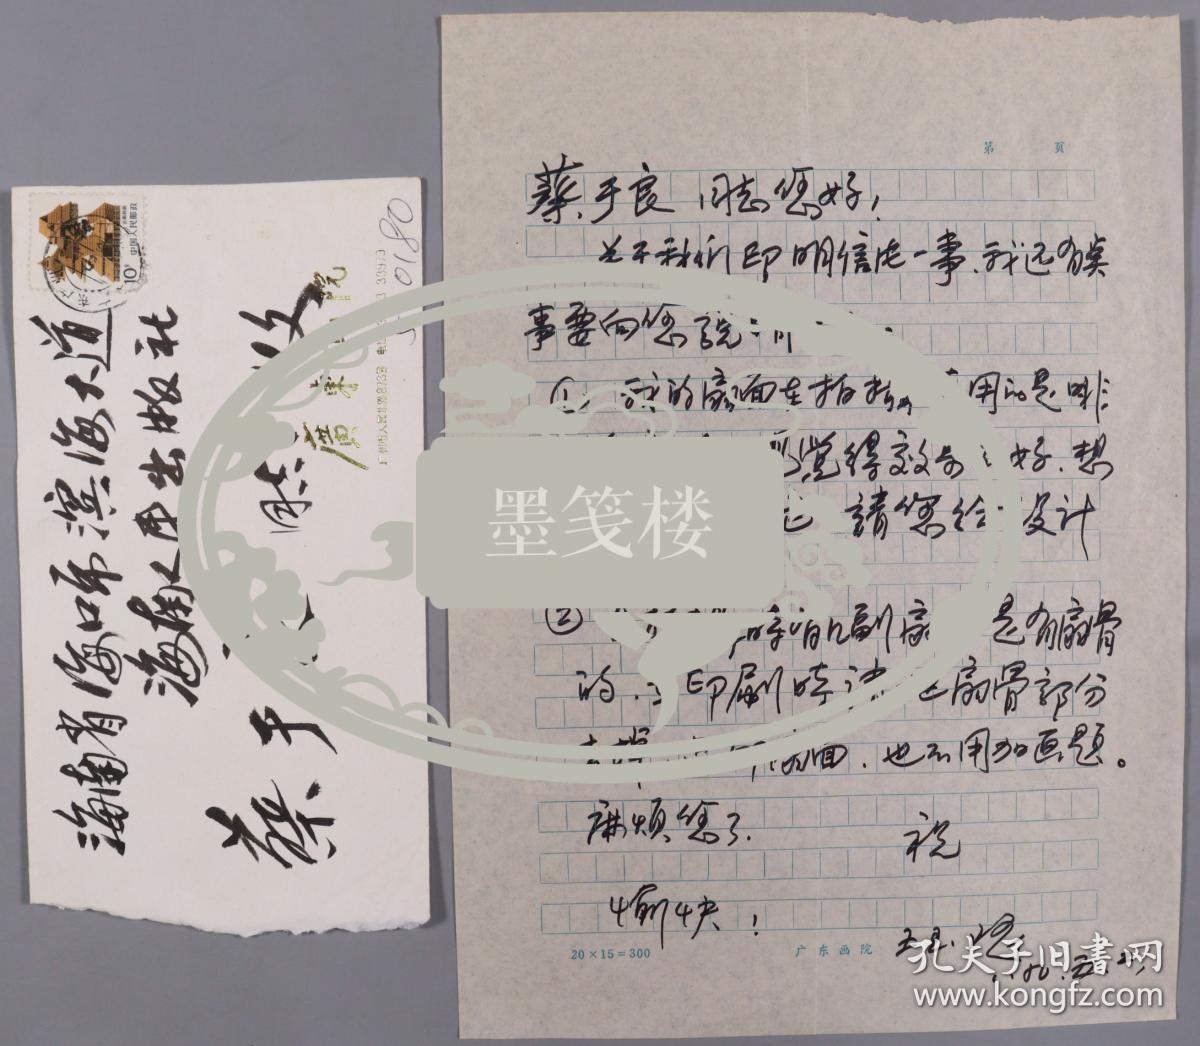 广东画院院长、广东省美术家协会副主席 王玉珏 1989年致蔡于良信札一通一页 附实寄封(关于印明信片等事宜)HXTX330292